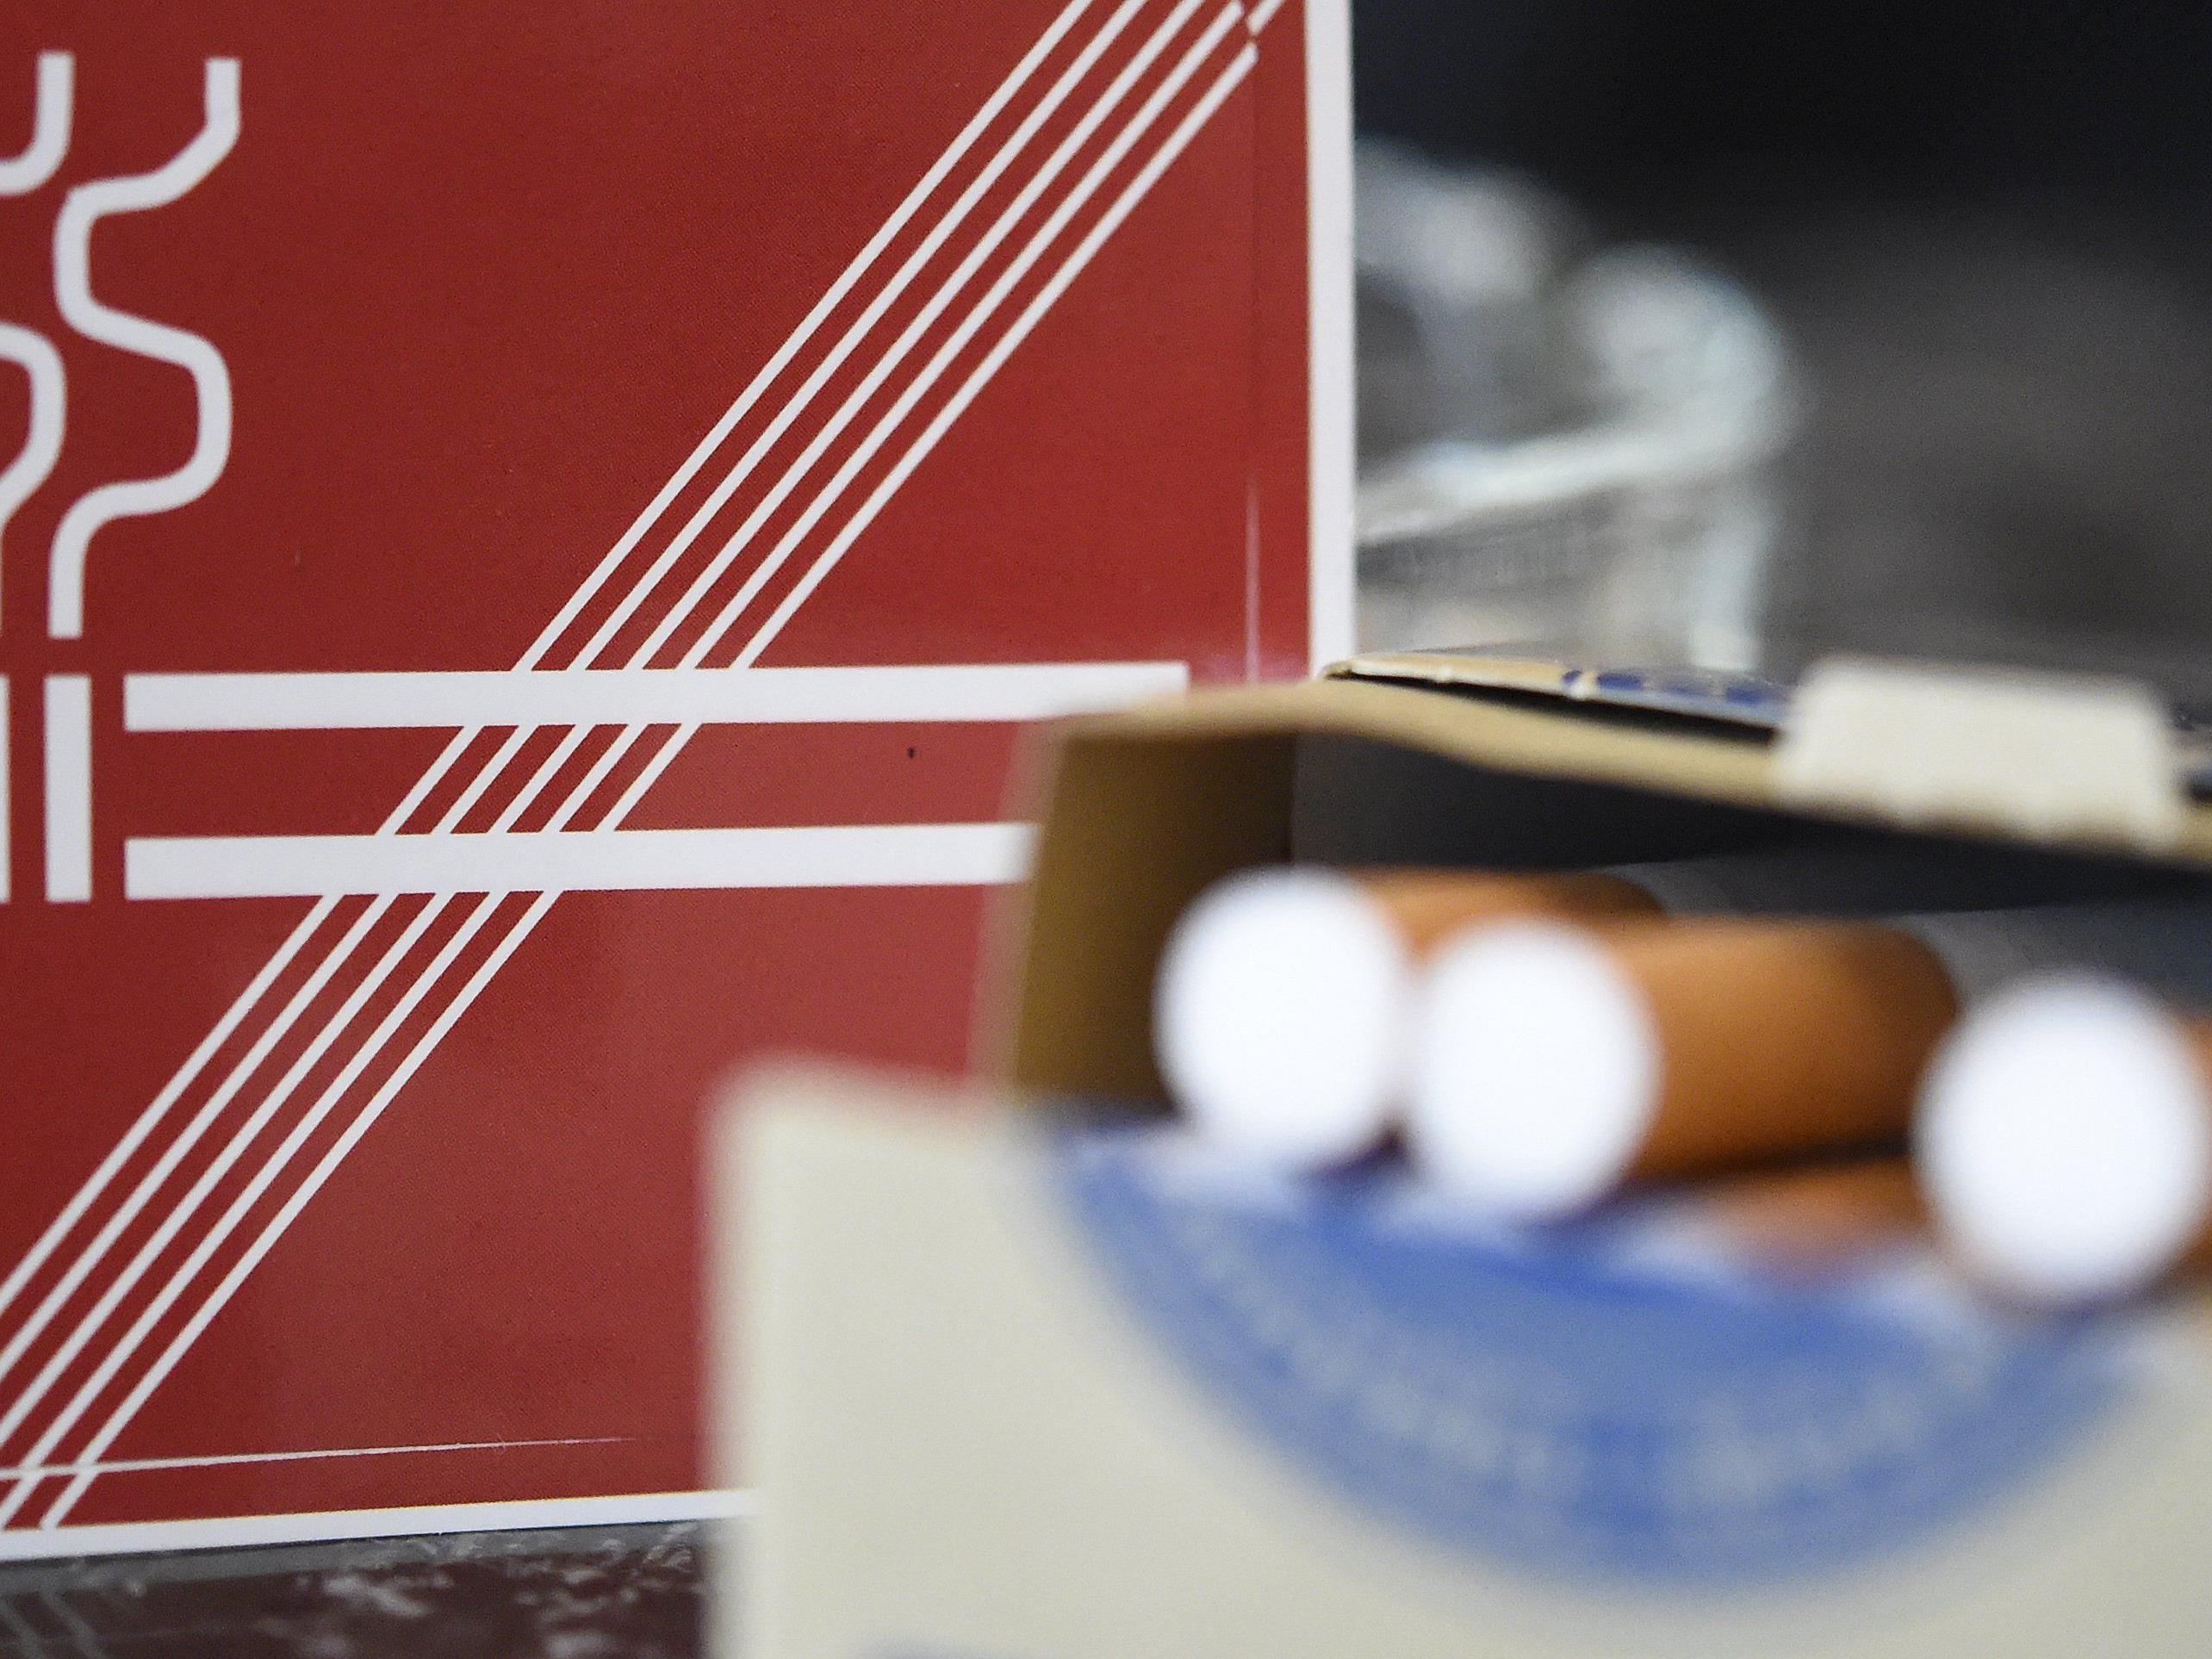 Gastro-Rauchverbot: Wirtschaftskammer und FPÖ kritisieren Pläne der Bundesregierung